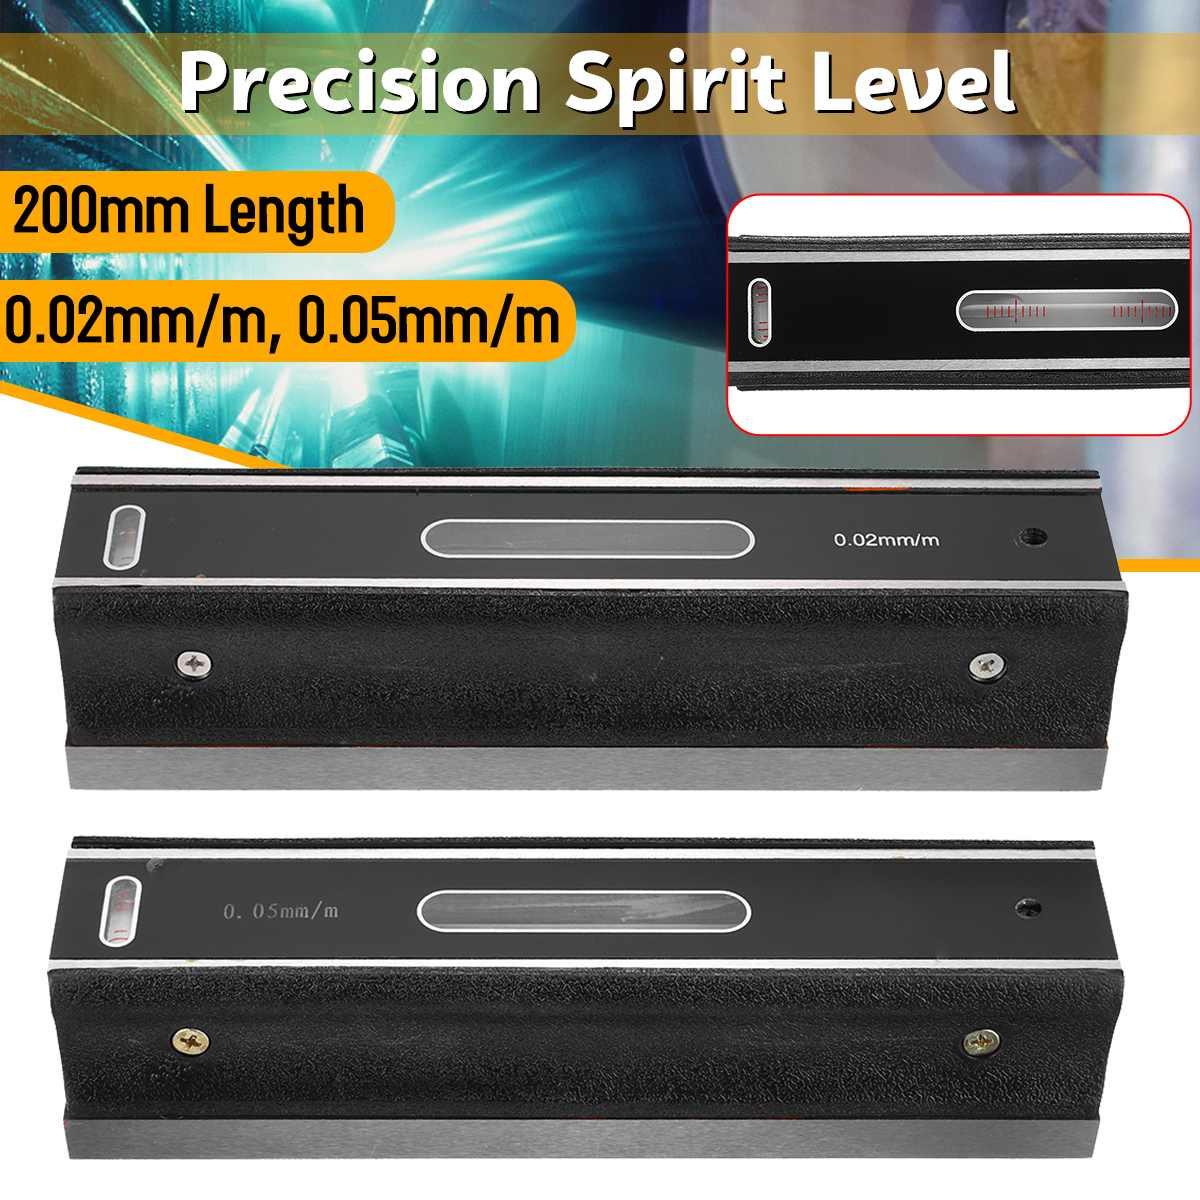 200mm haute précision 0.02/0.05mm niveau barre de Graduation mesure niveleur précision graduée flacons à bulles niveau de barre horizontale